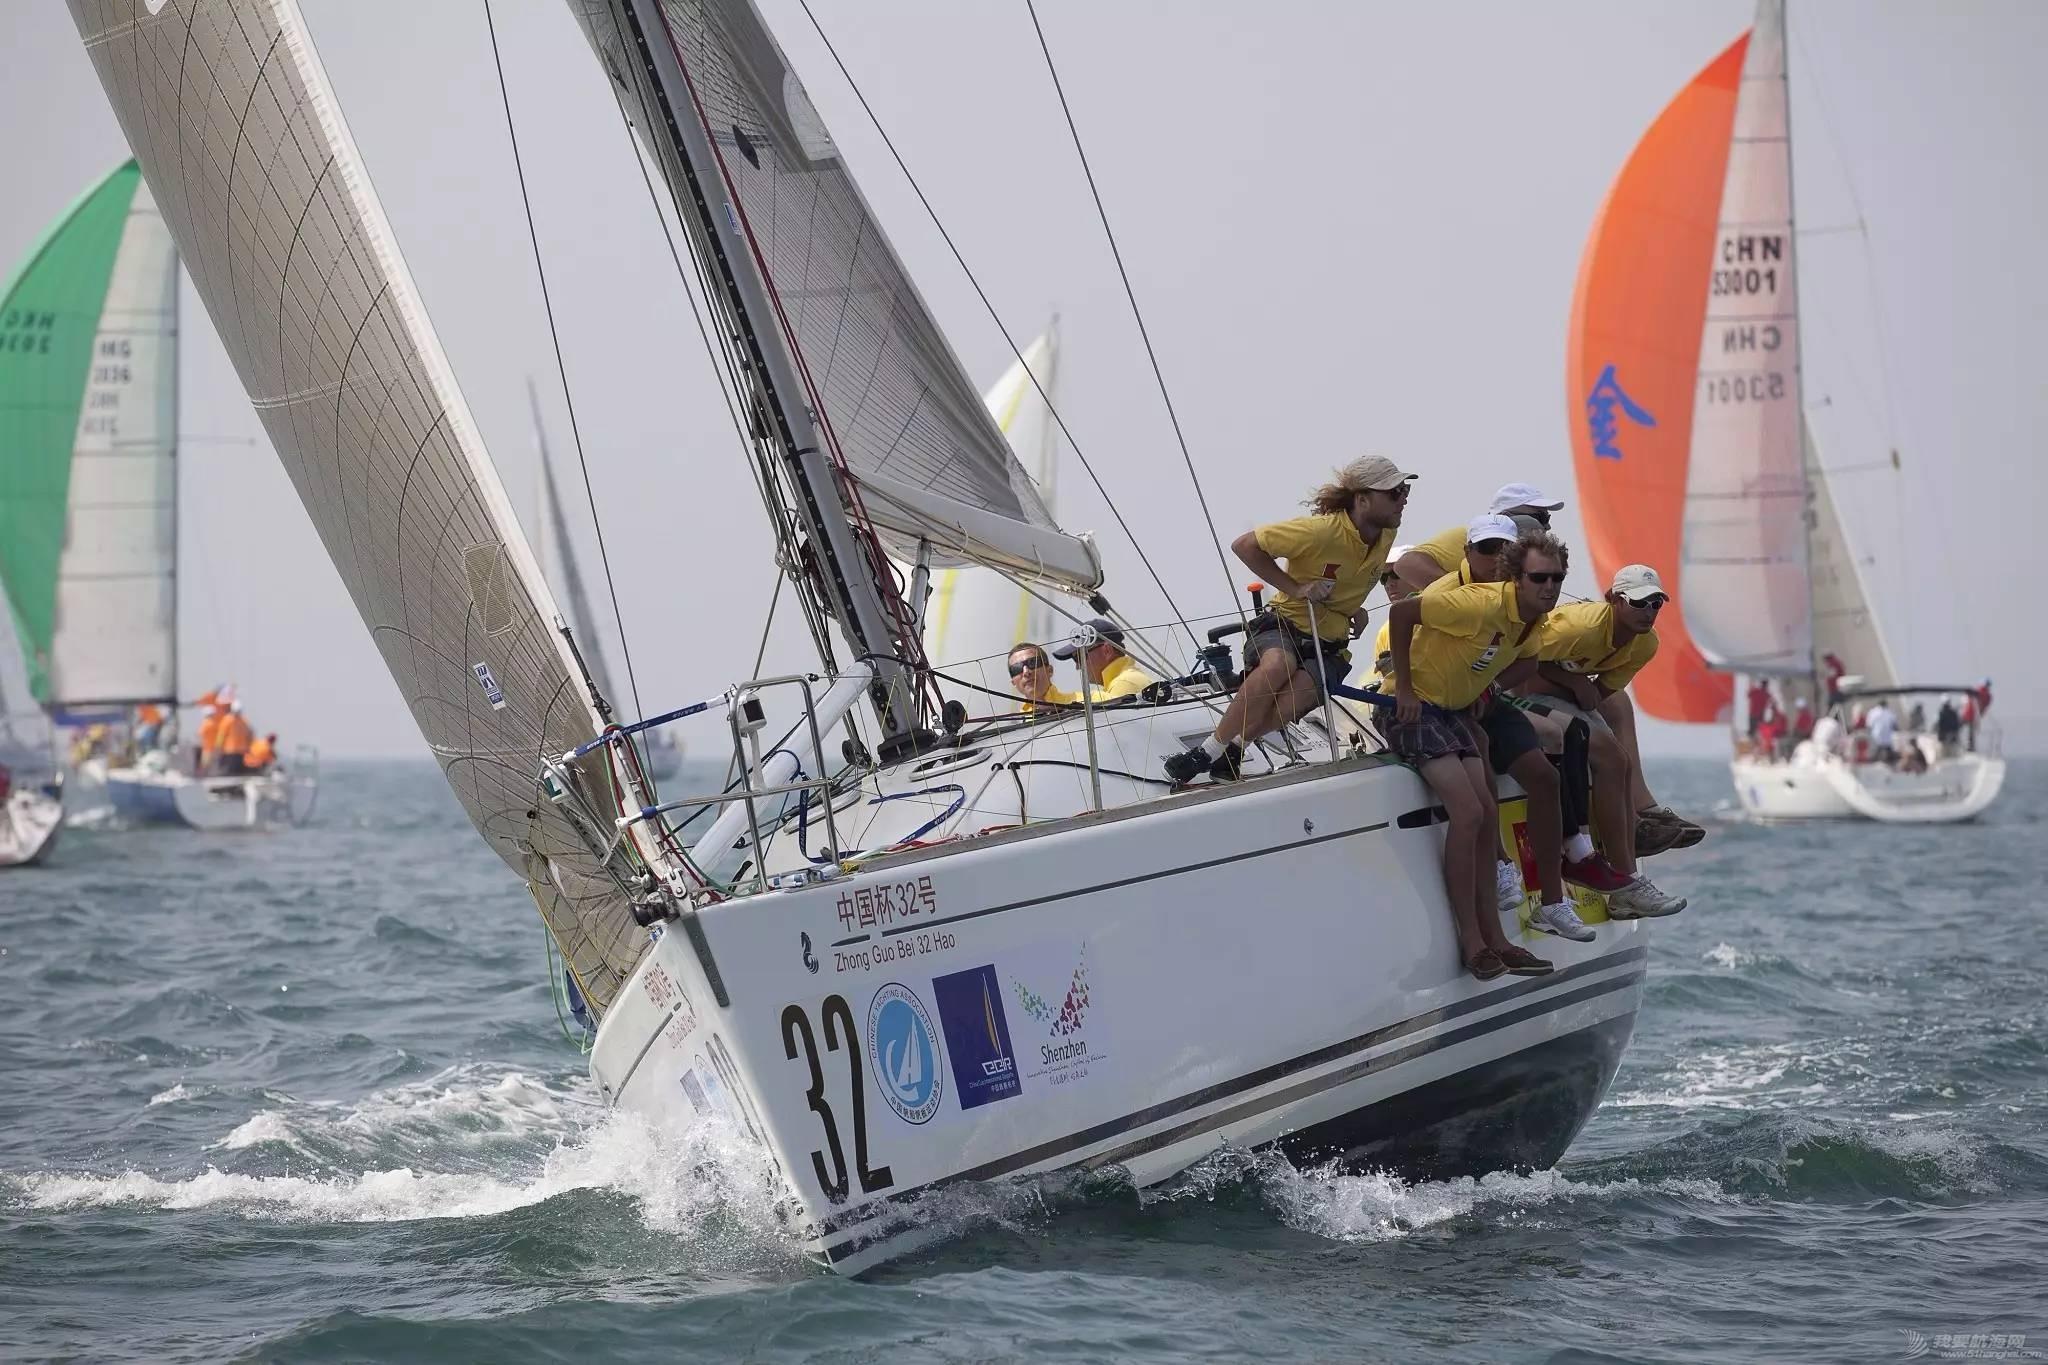 普通人如何起步学习帆船? e94378ac29d544929012b21f0b9ca502.jpg